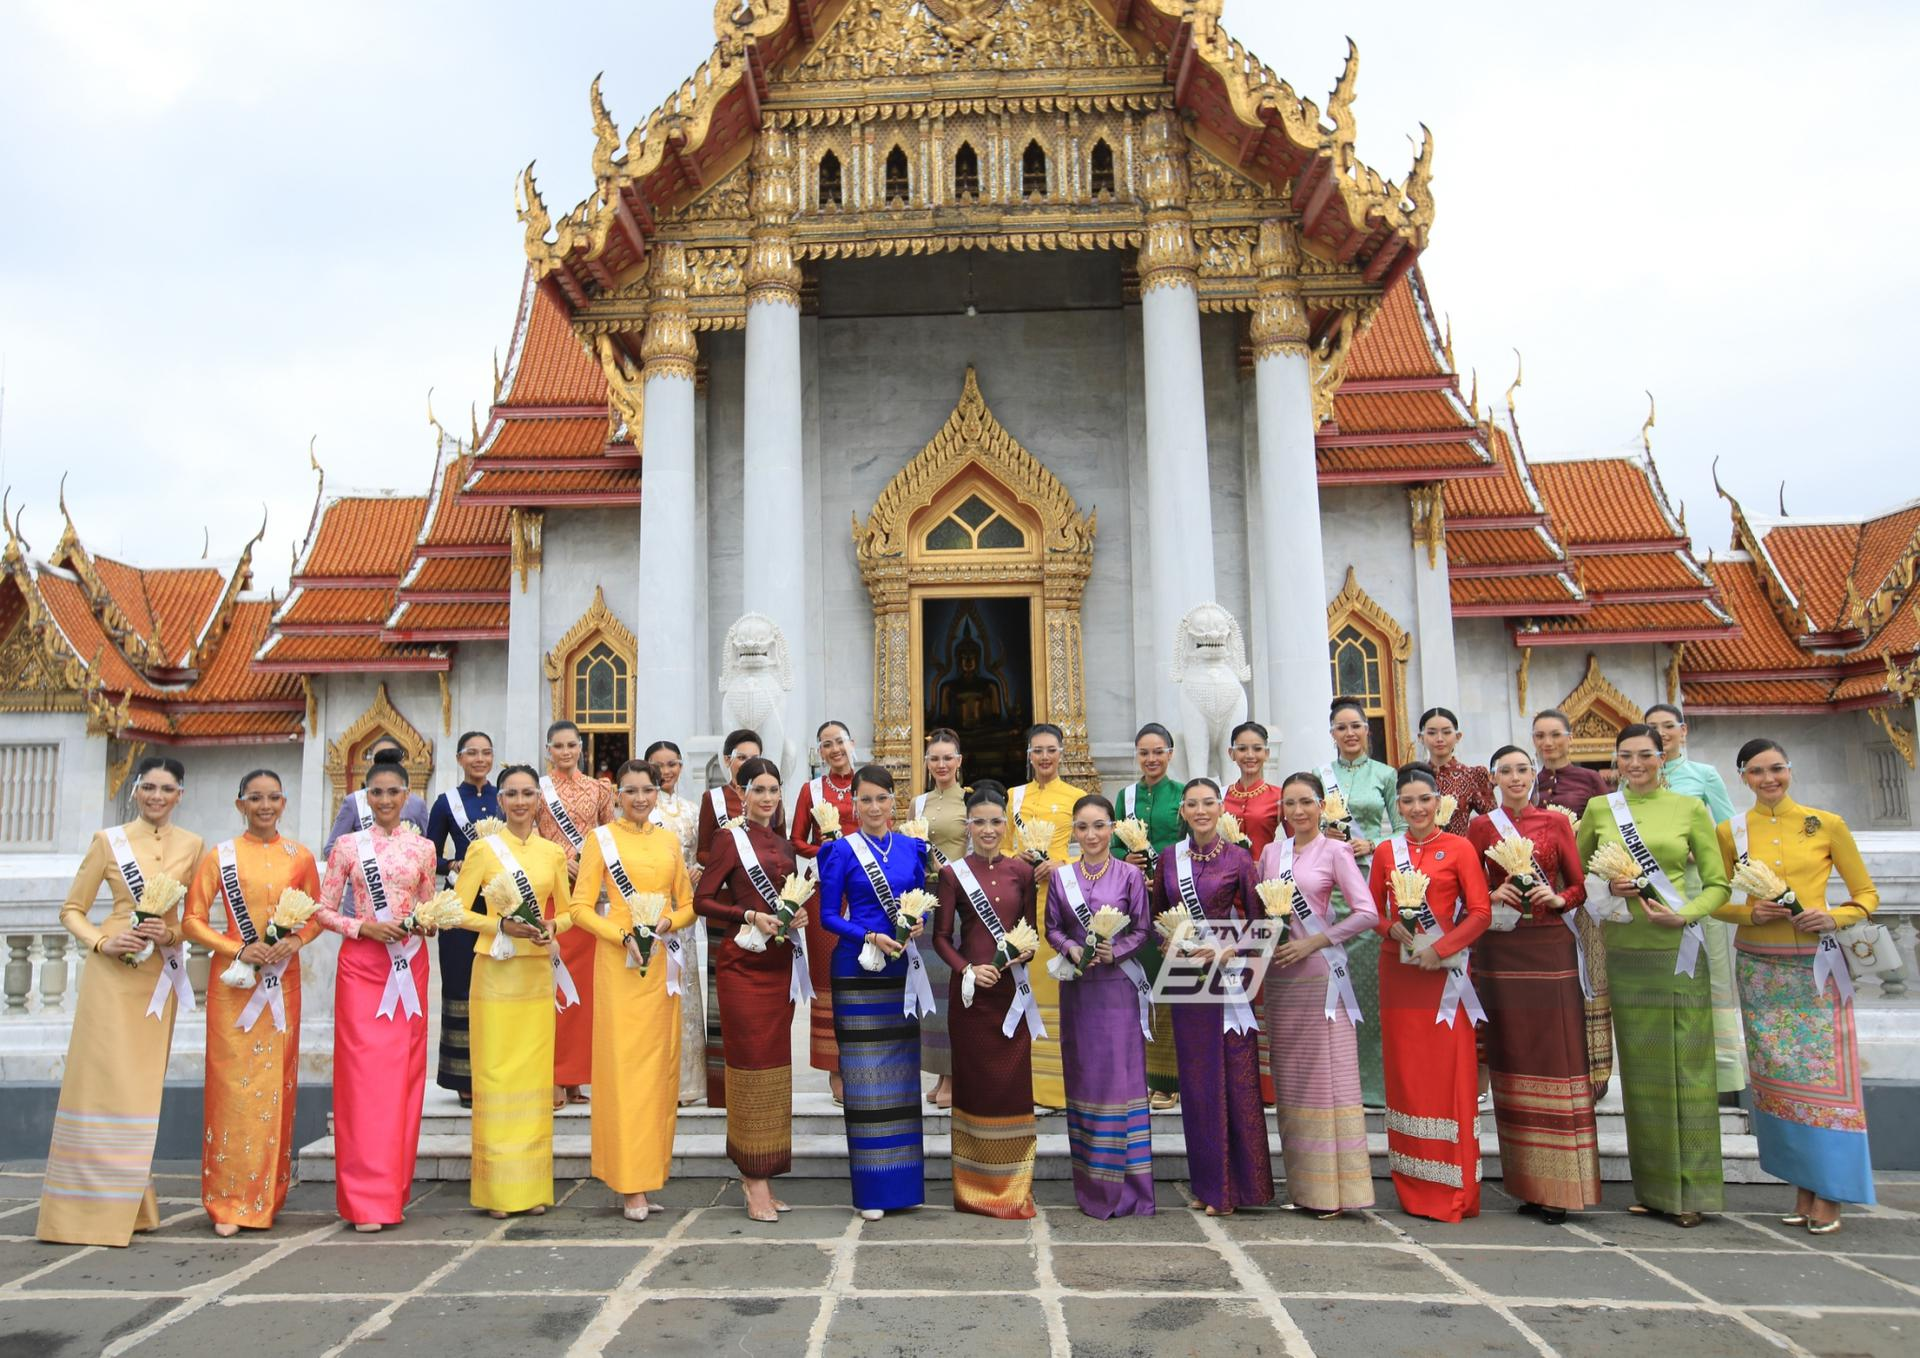 30 สาวงาม Miss Universe Thailand 2021 ตักบาตรเสริมสิริมงคล ณ วัดเบญจมบพิตร